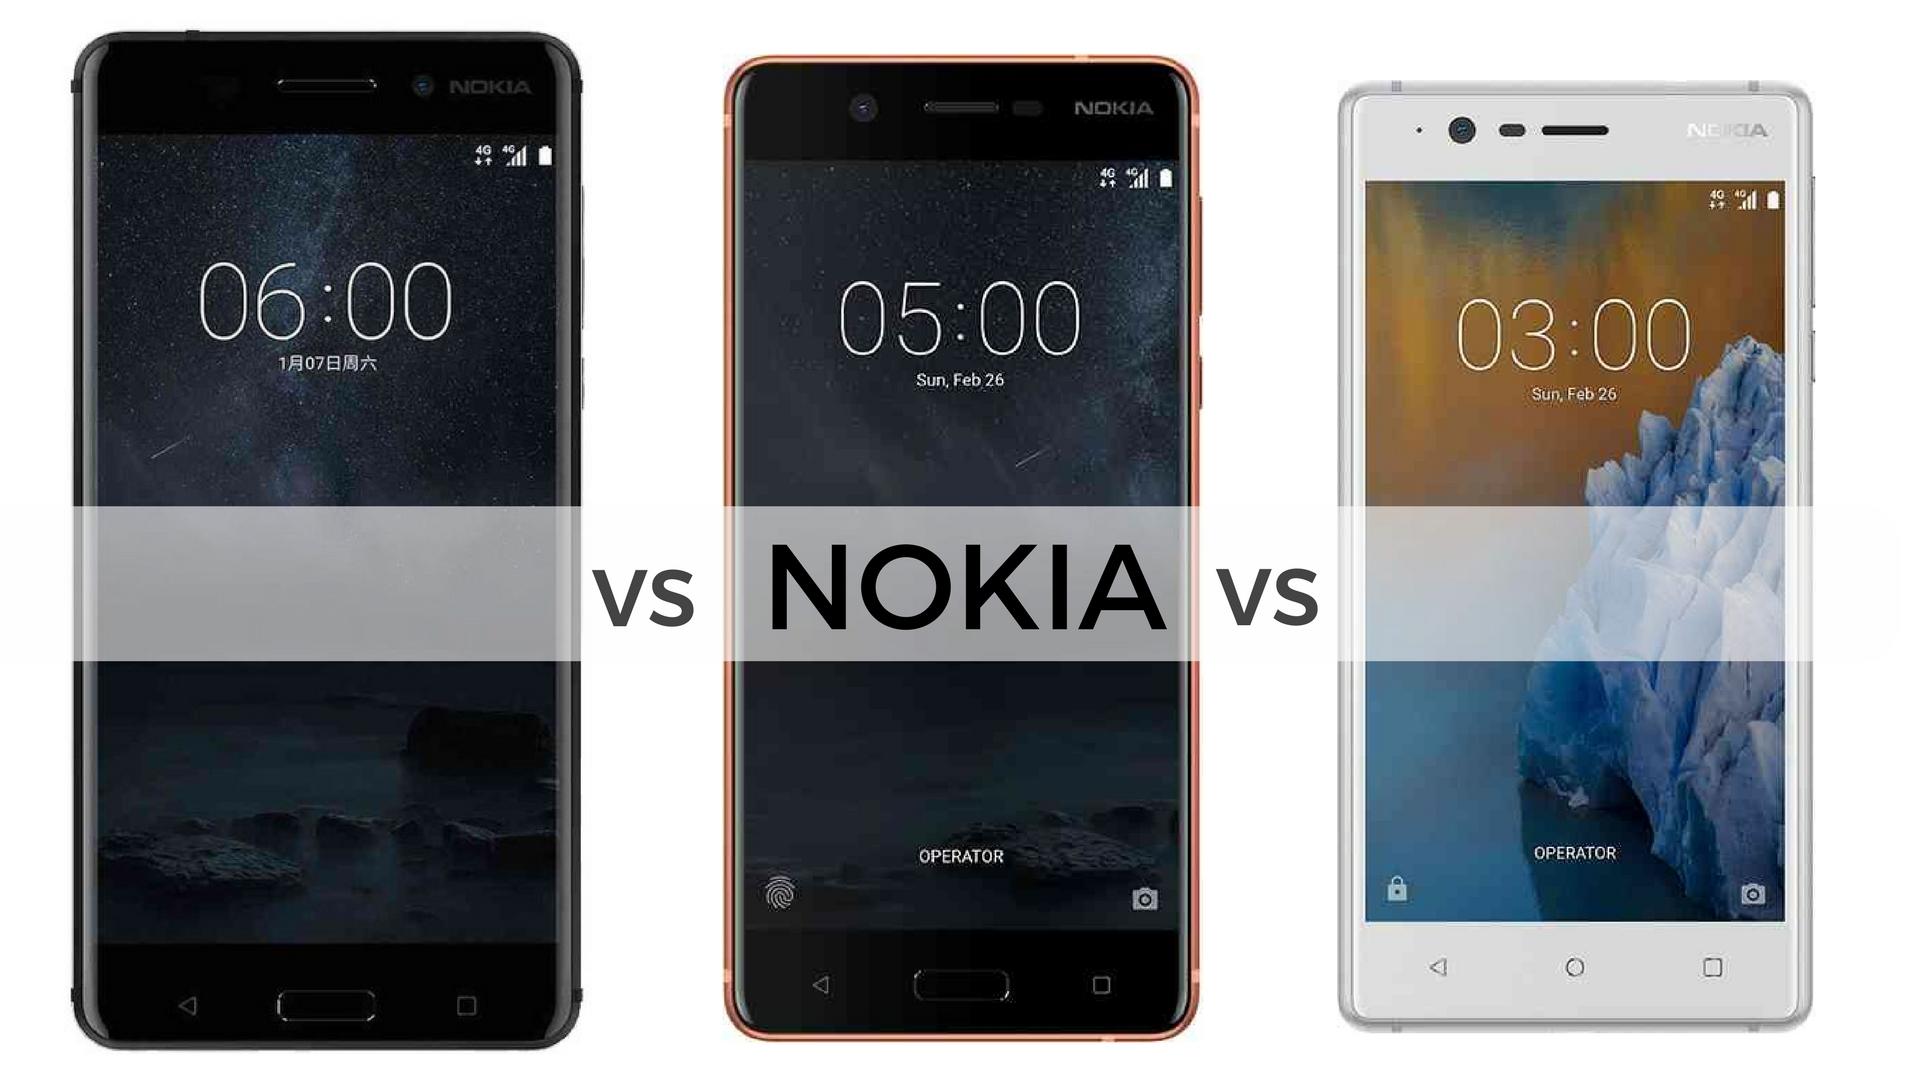 Nokia 6 vs Nokia 5 vs Nokia 3